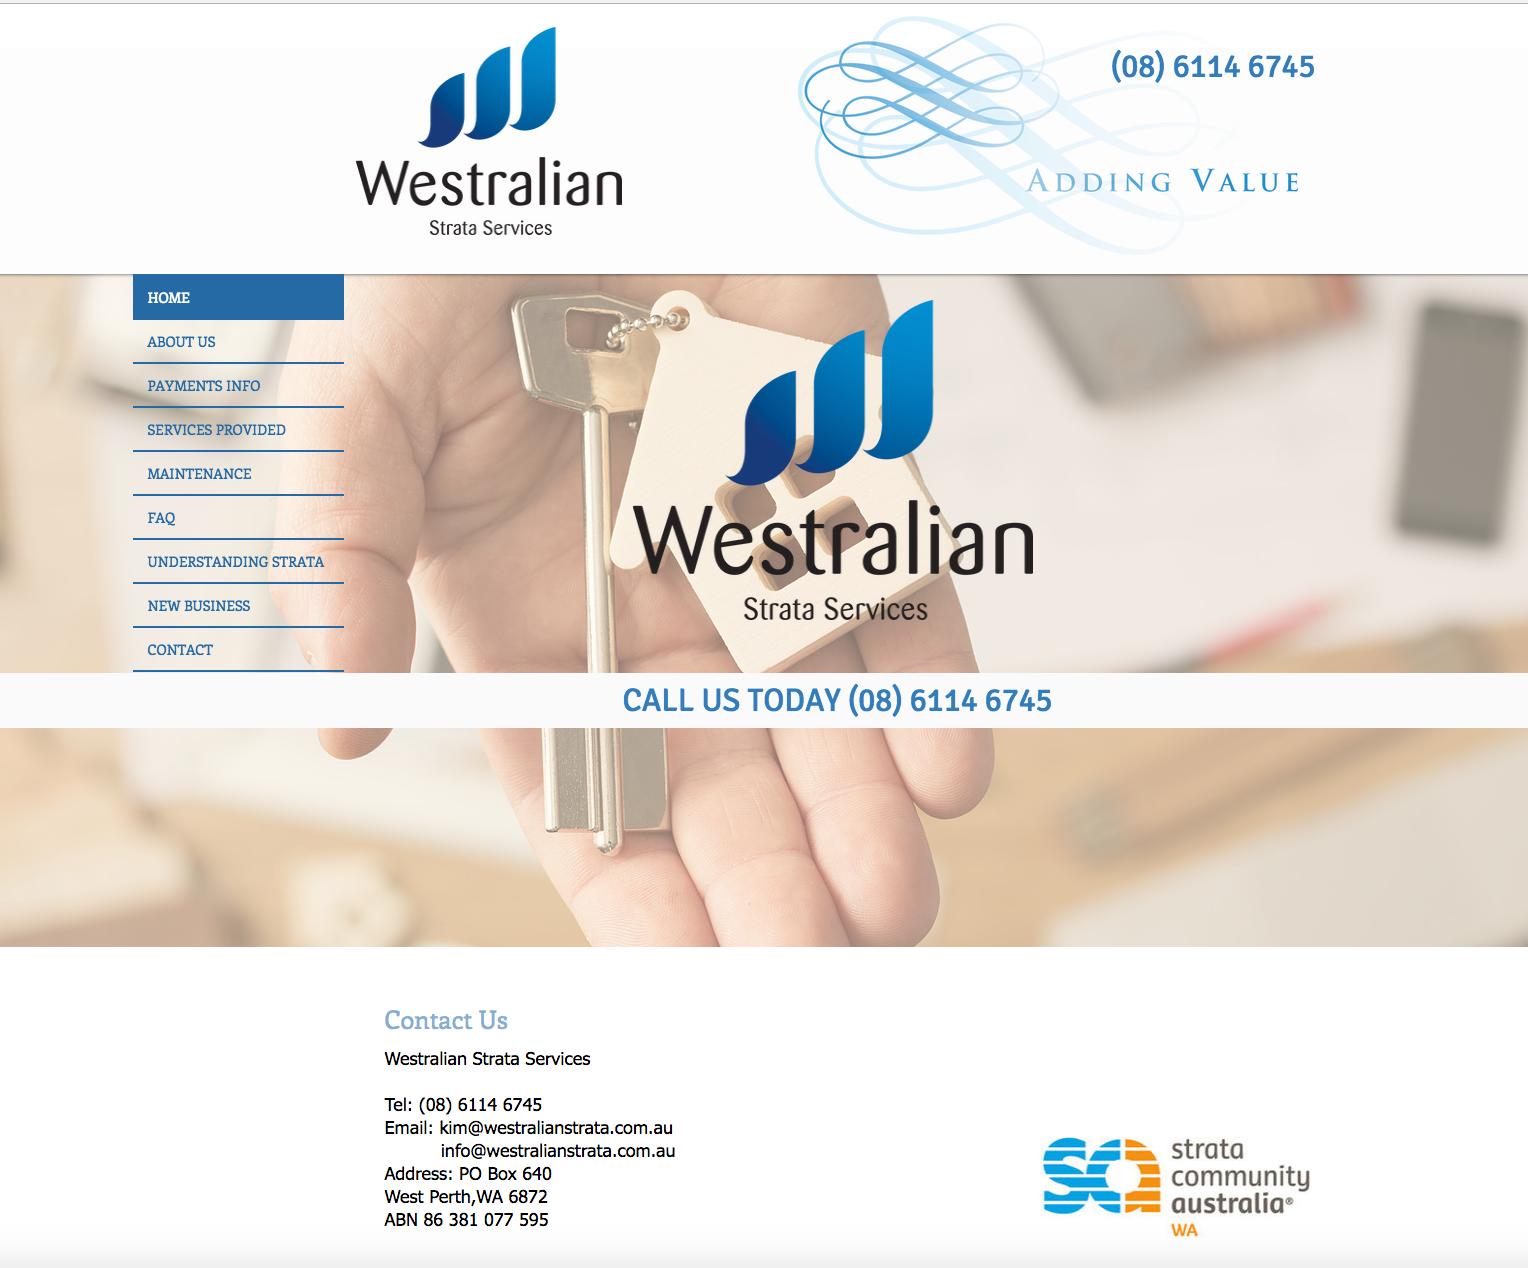 Westralian Strata Services Website